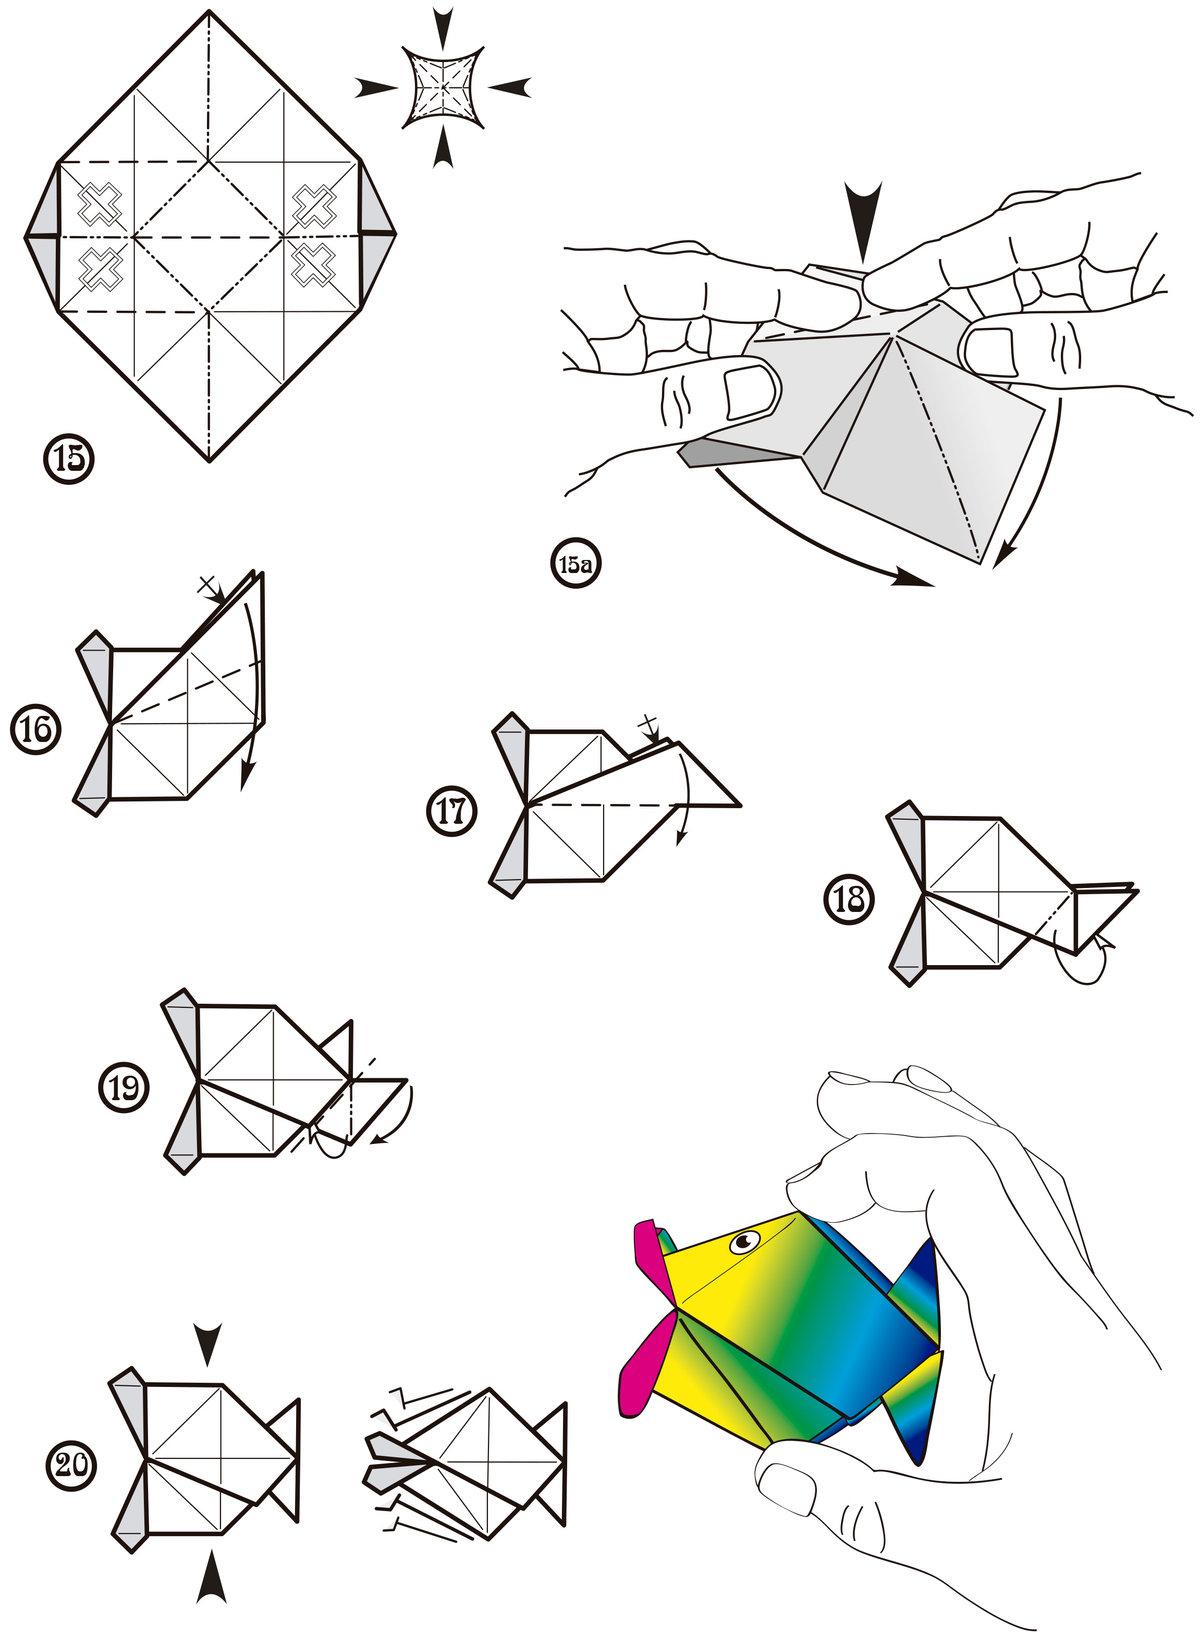 оригами из бумаги картинки схемы для начинающих многие годы эксплуатации